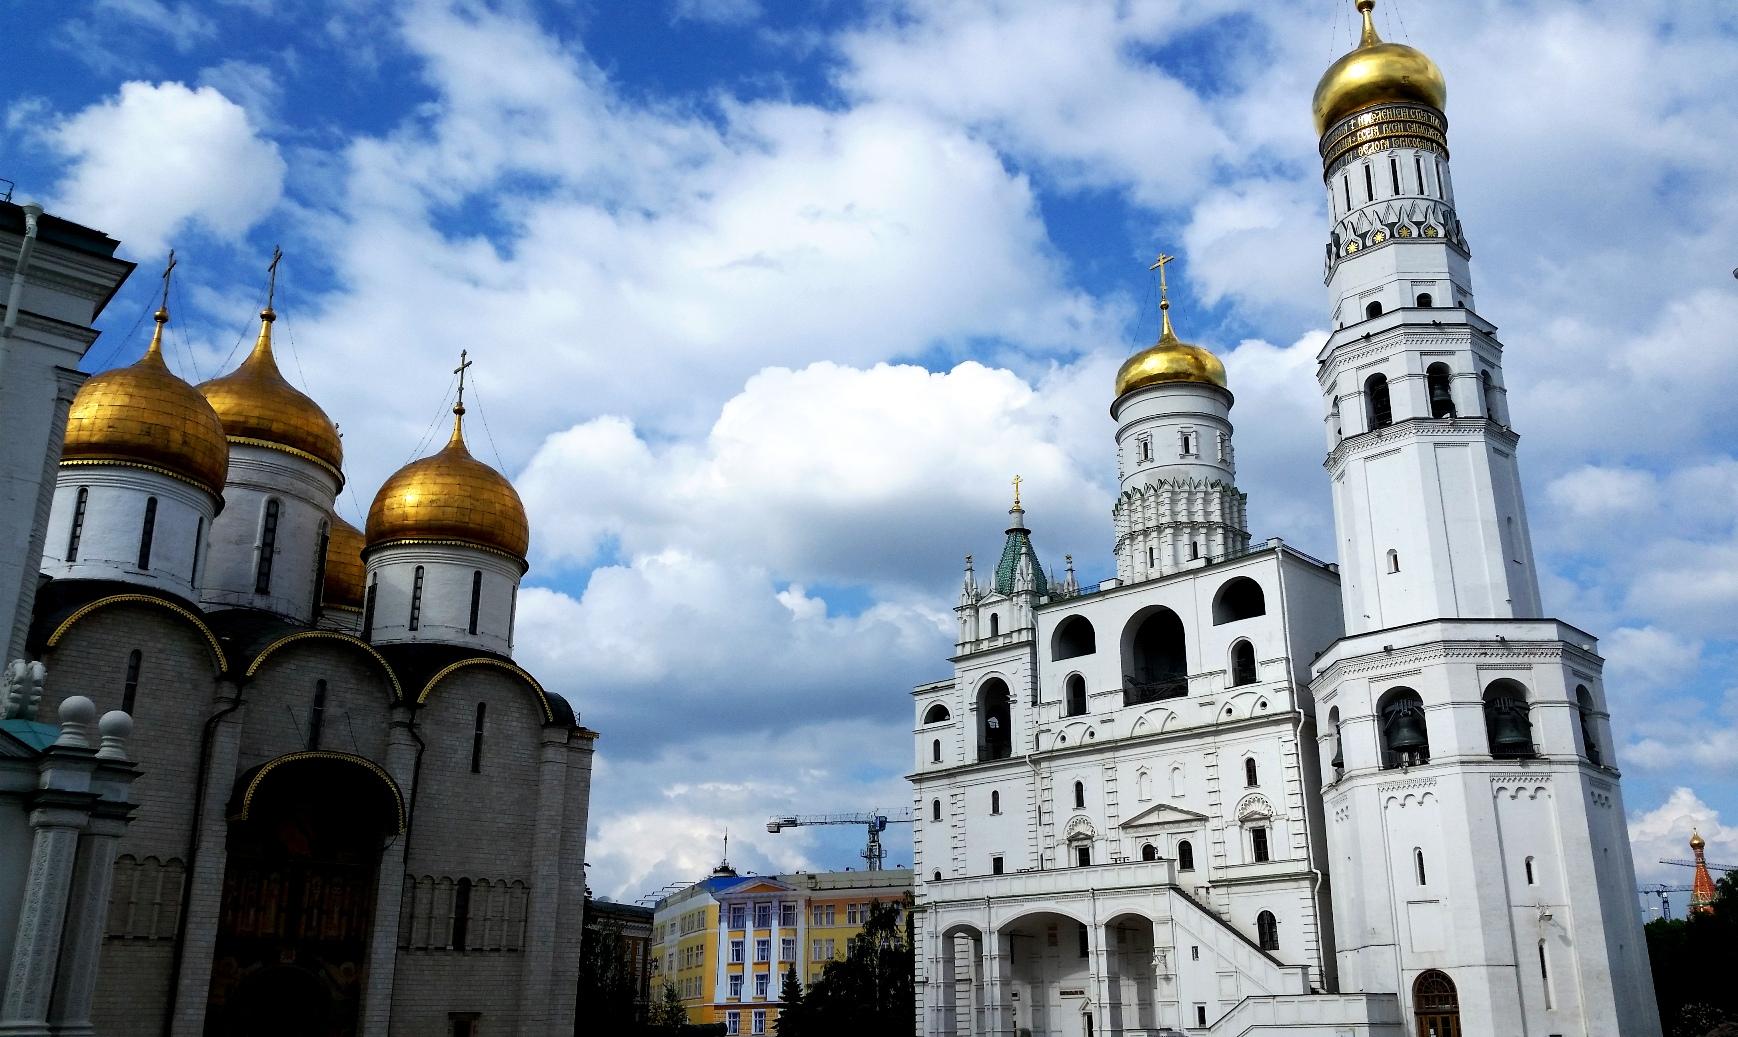 Cosas divertidas que hacer en Moscú - Lugares de interés - Debe ver